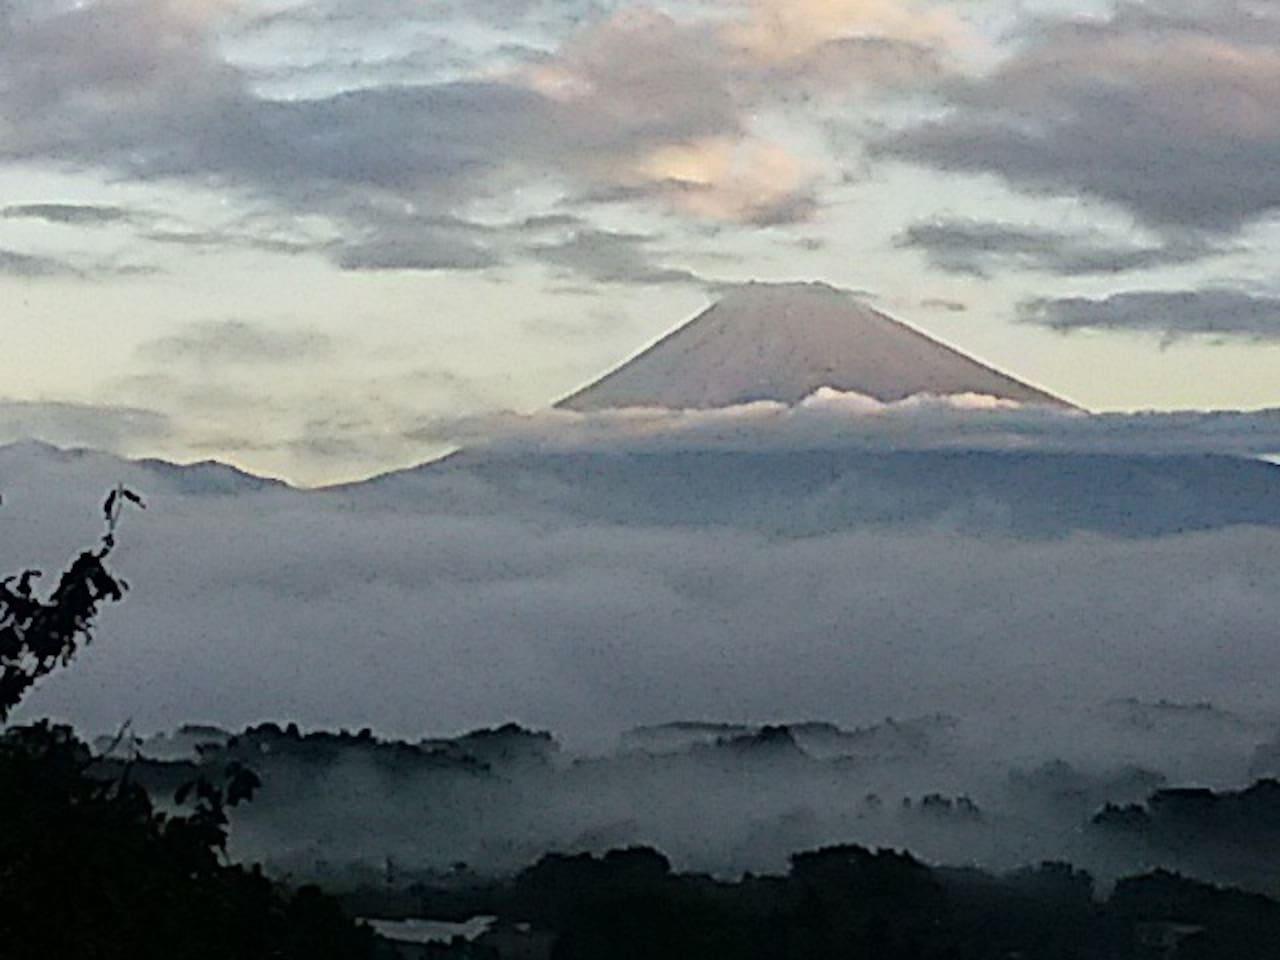 Mt. Fuji from abathroom